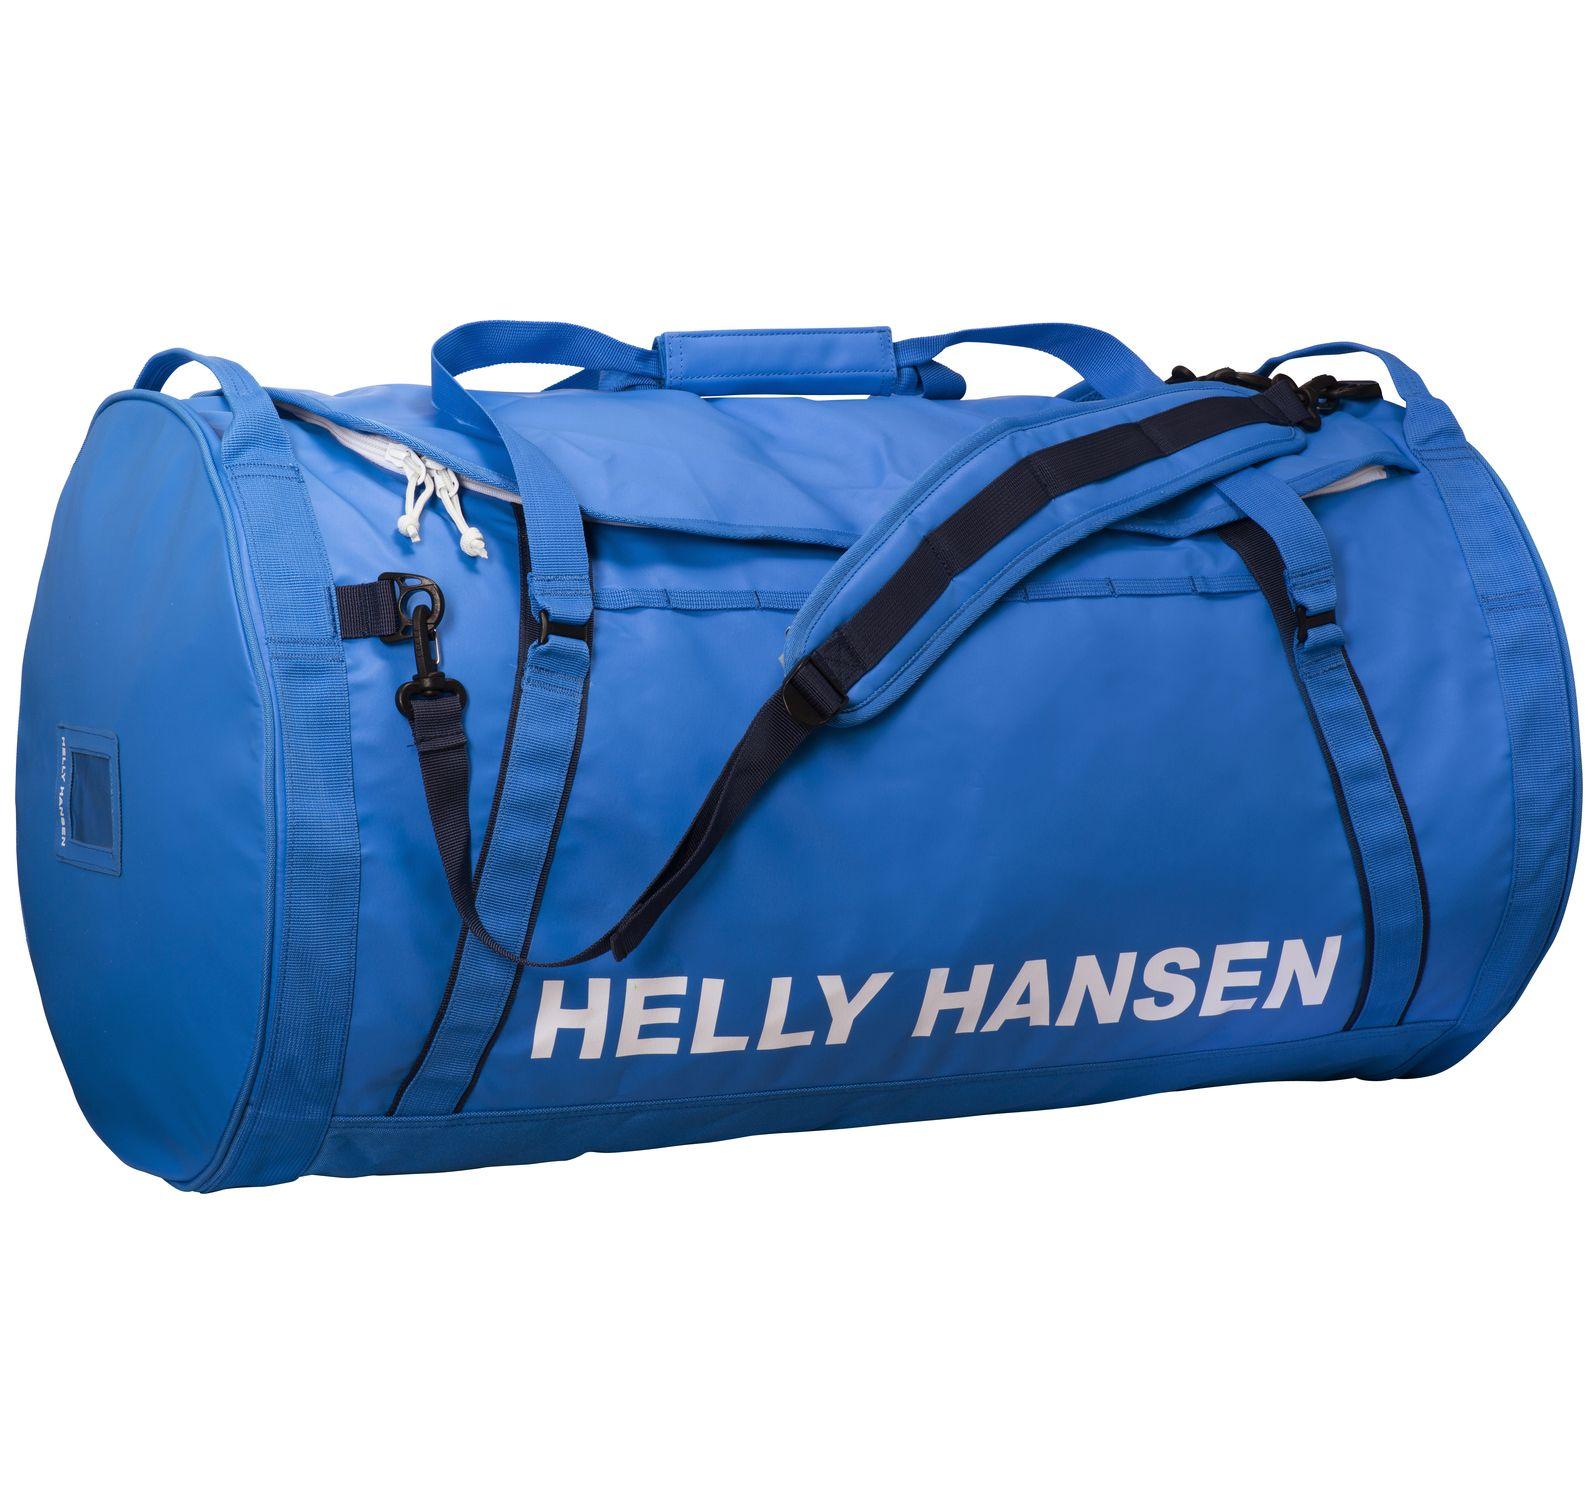 Hh Duffel Bag 2 30l, Racer Blue, Onesize,  Helly Hansen